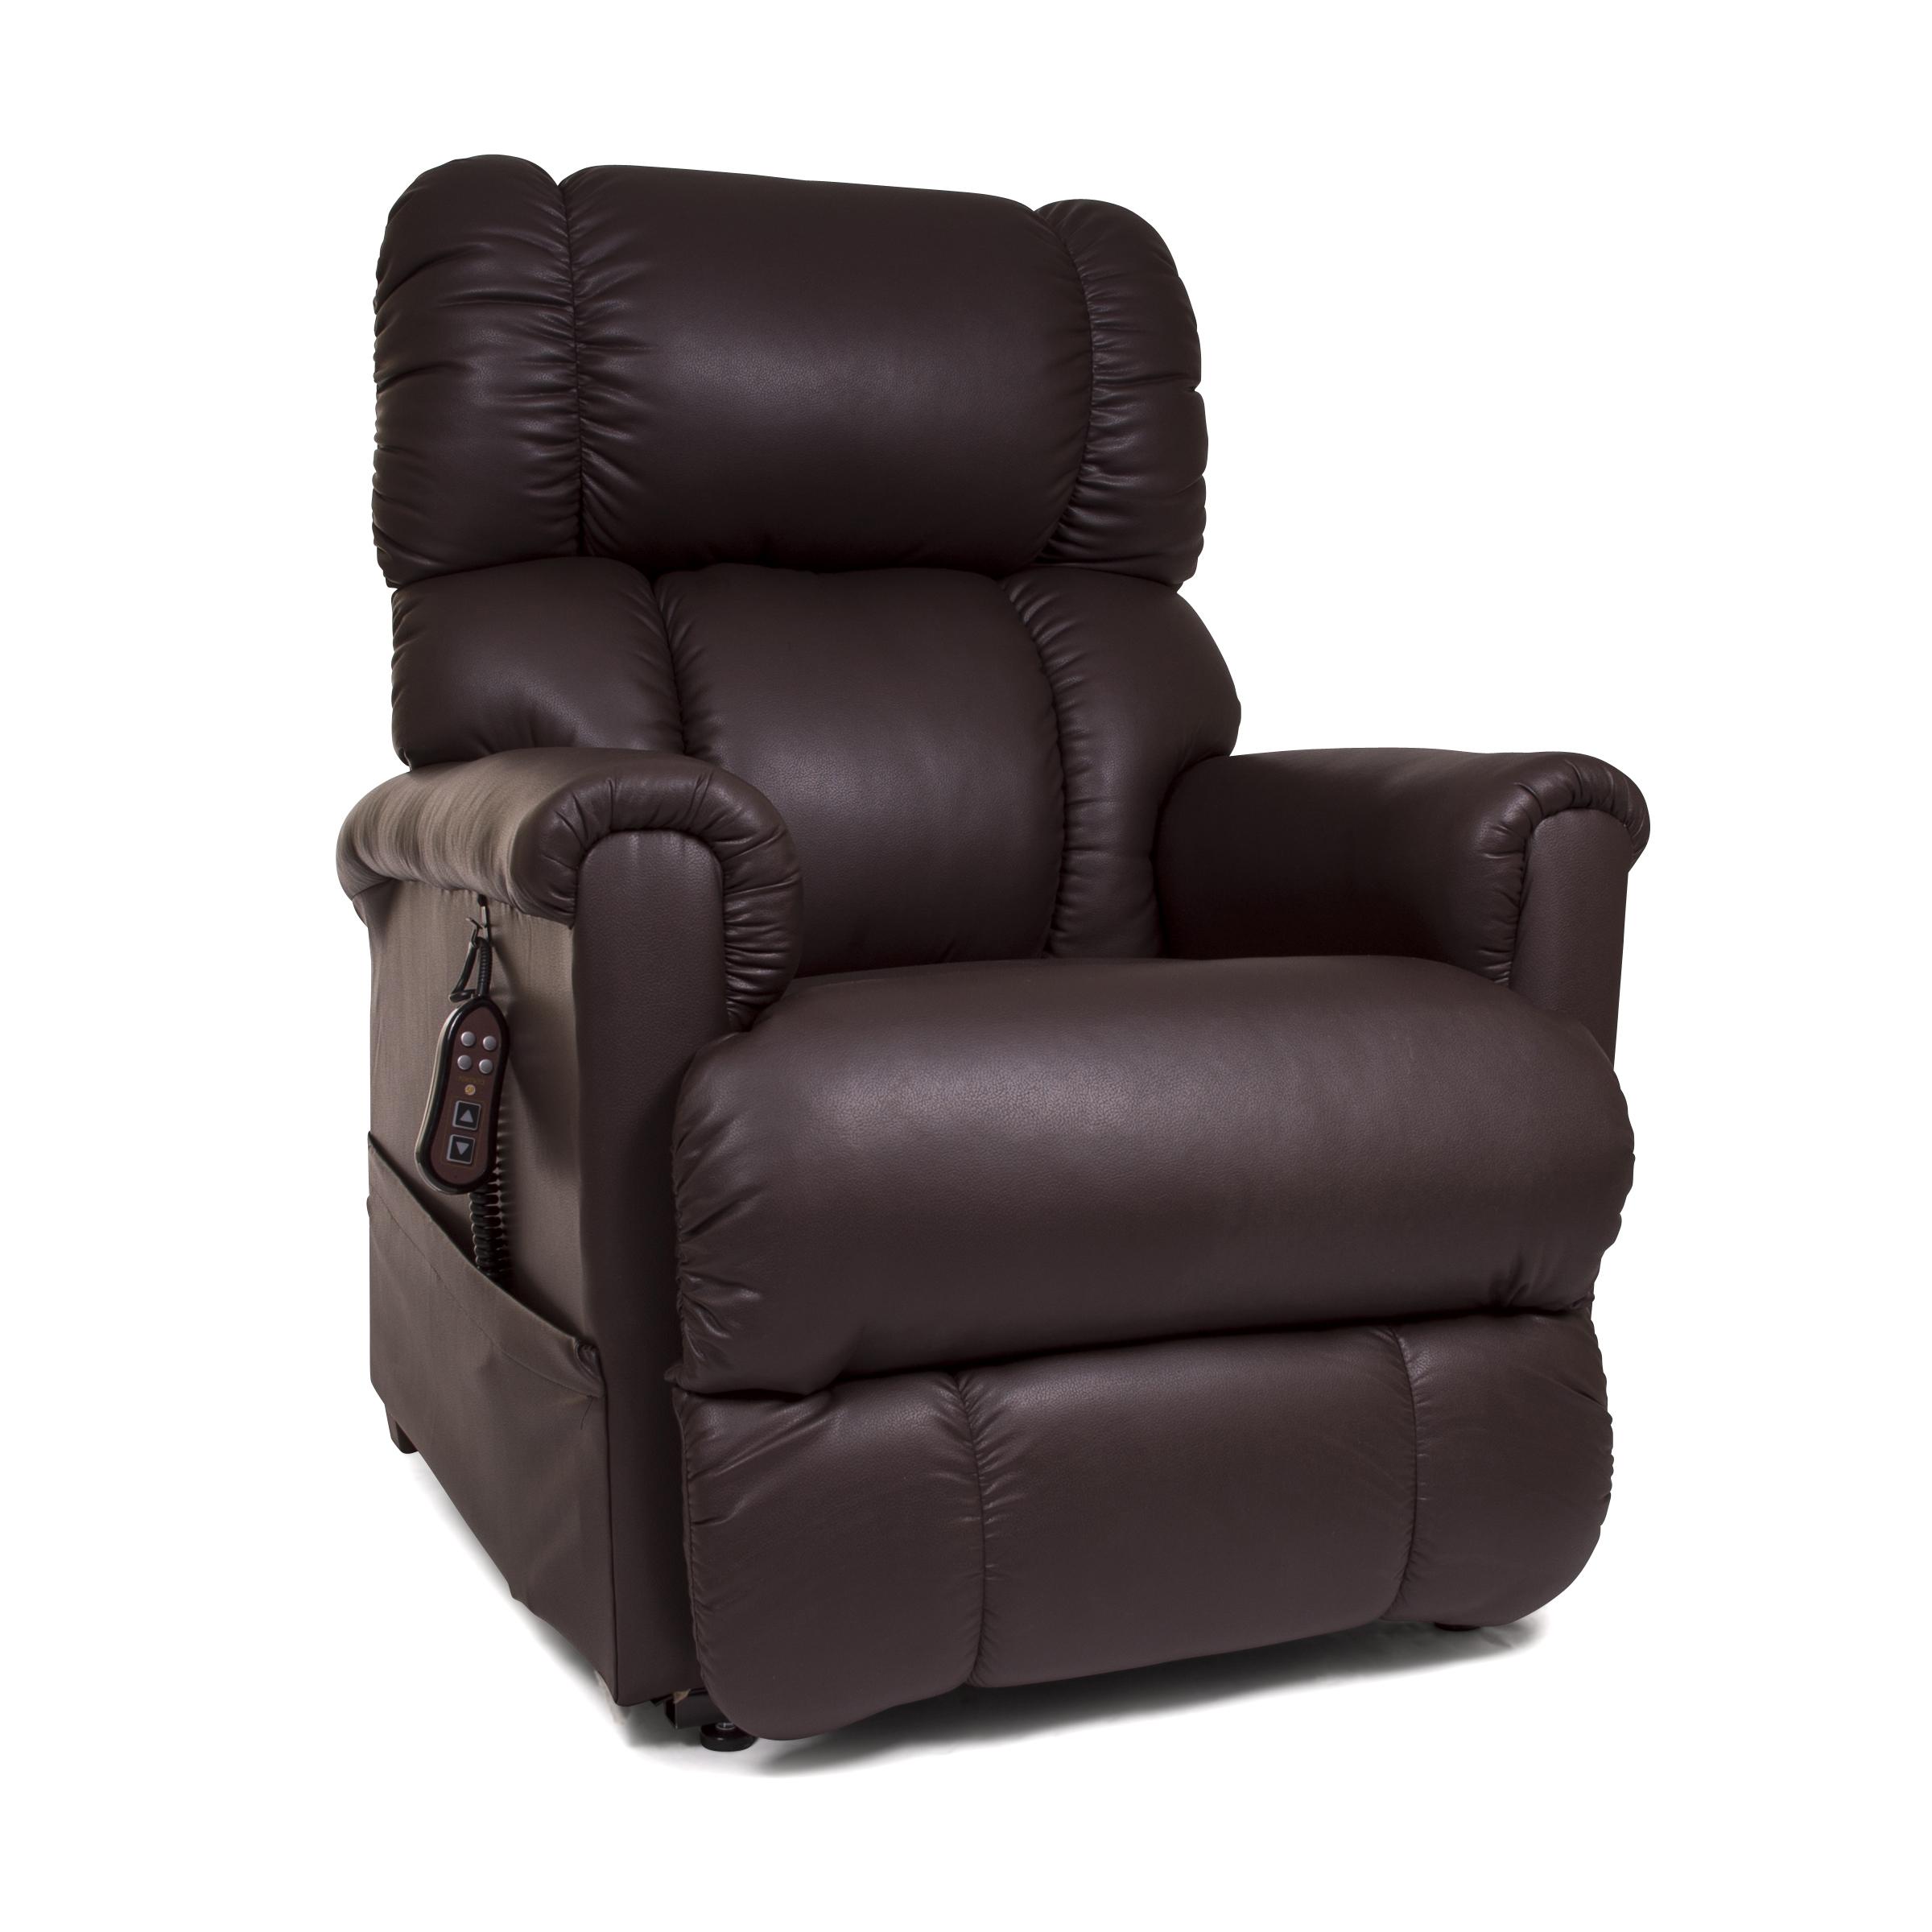 Golden Tech Imperial Pr404 3 Position Lift Chair